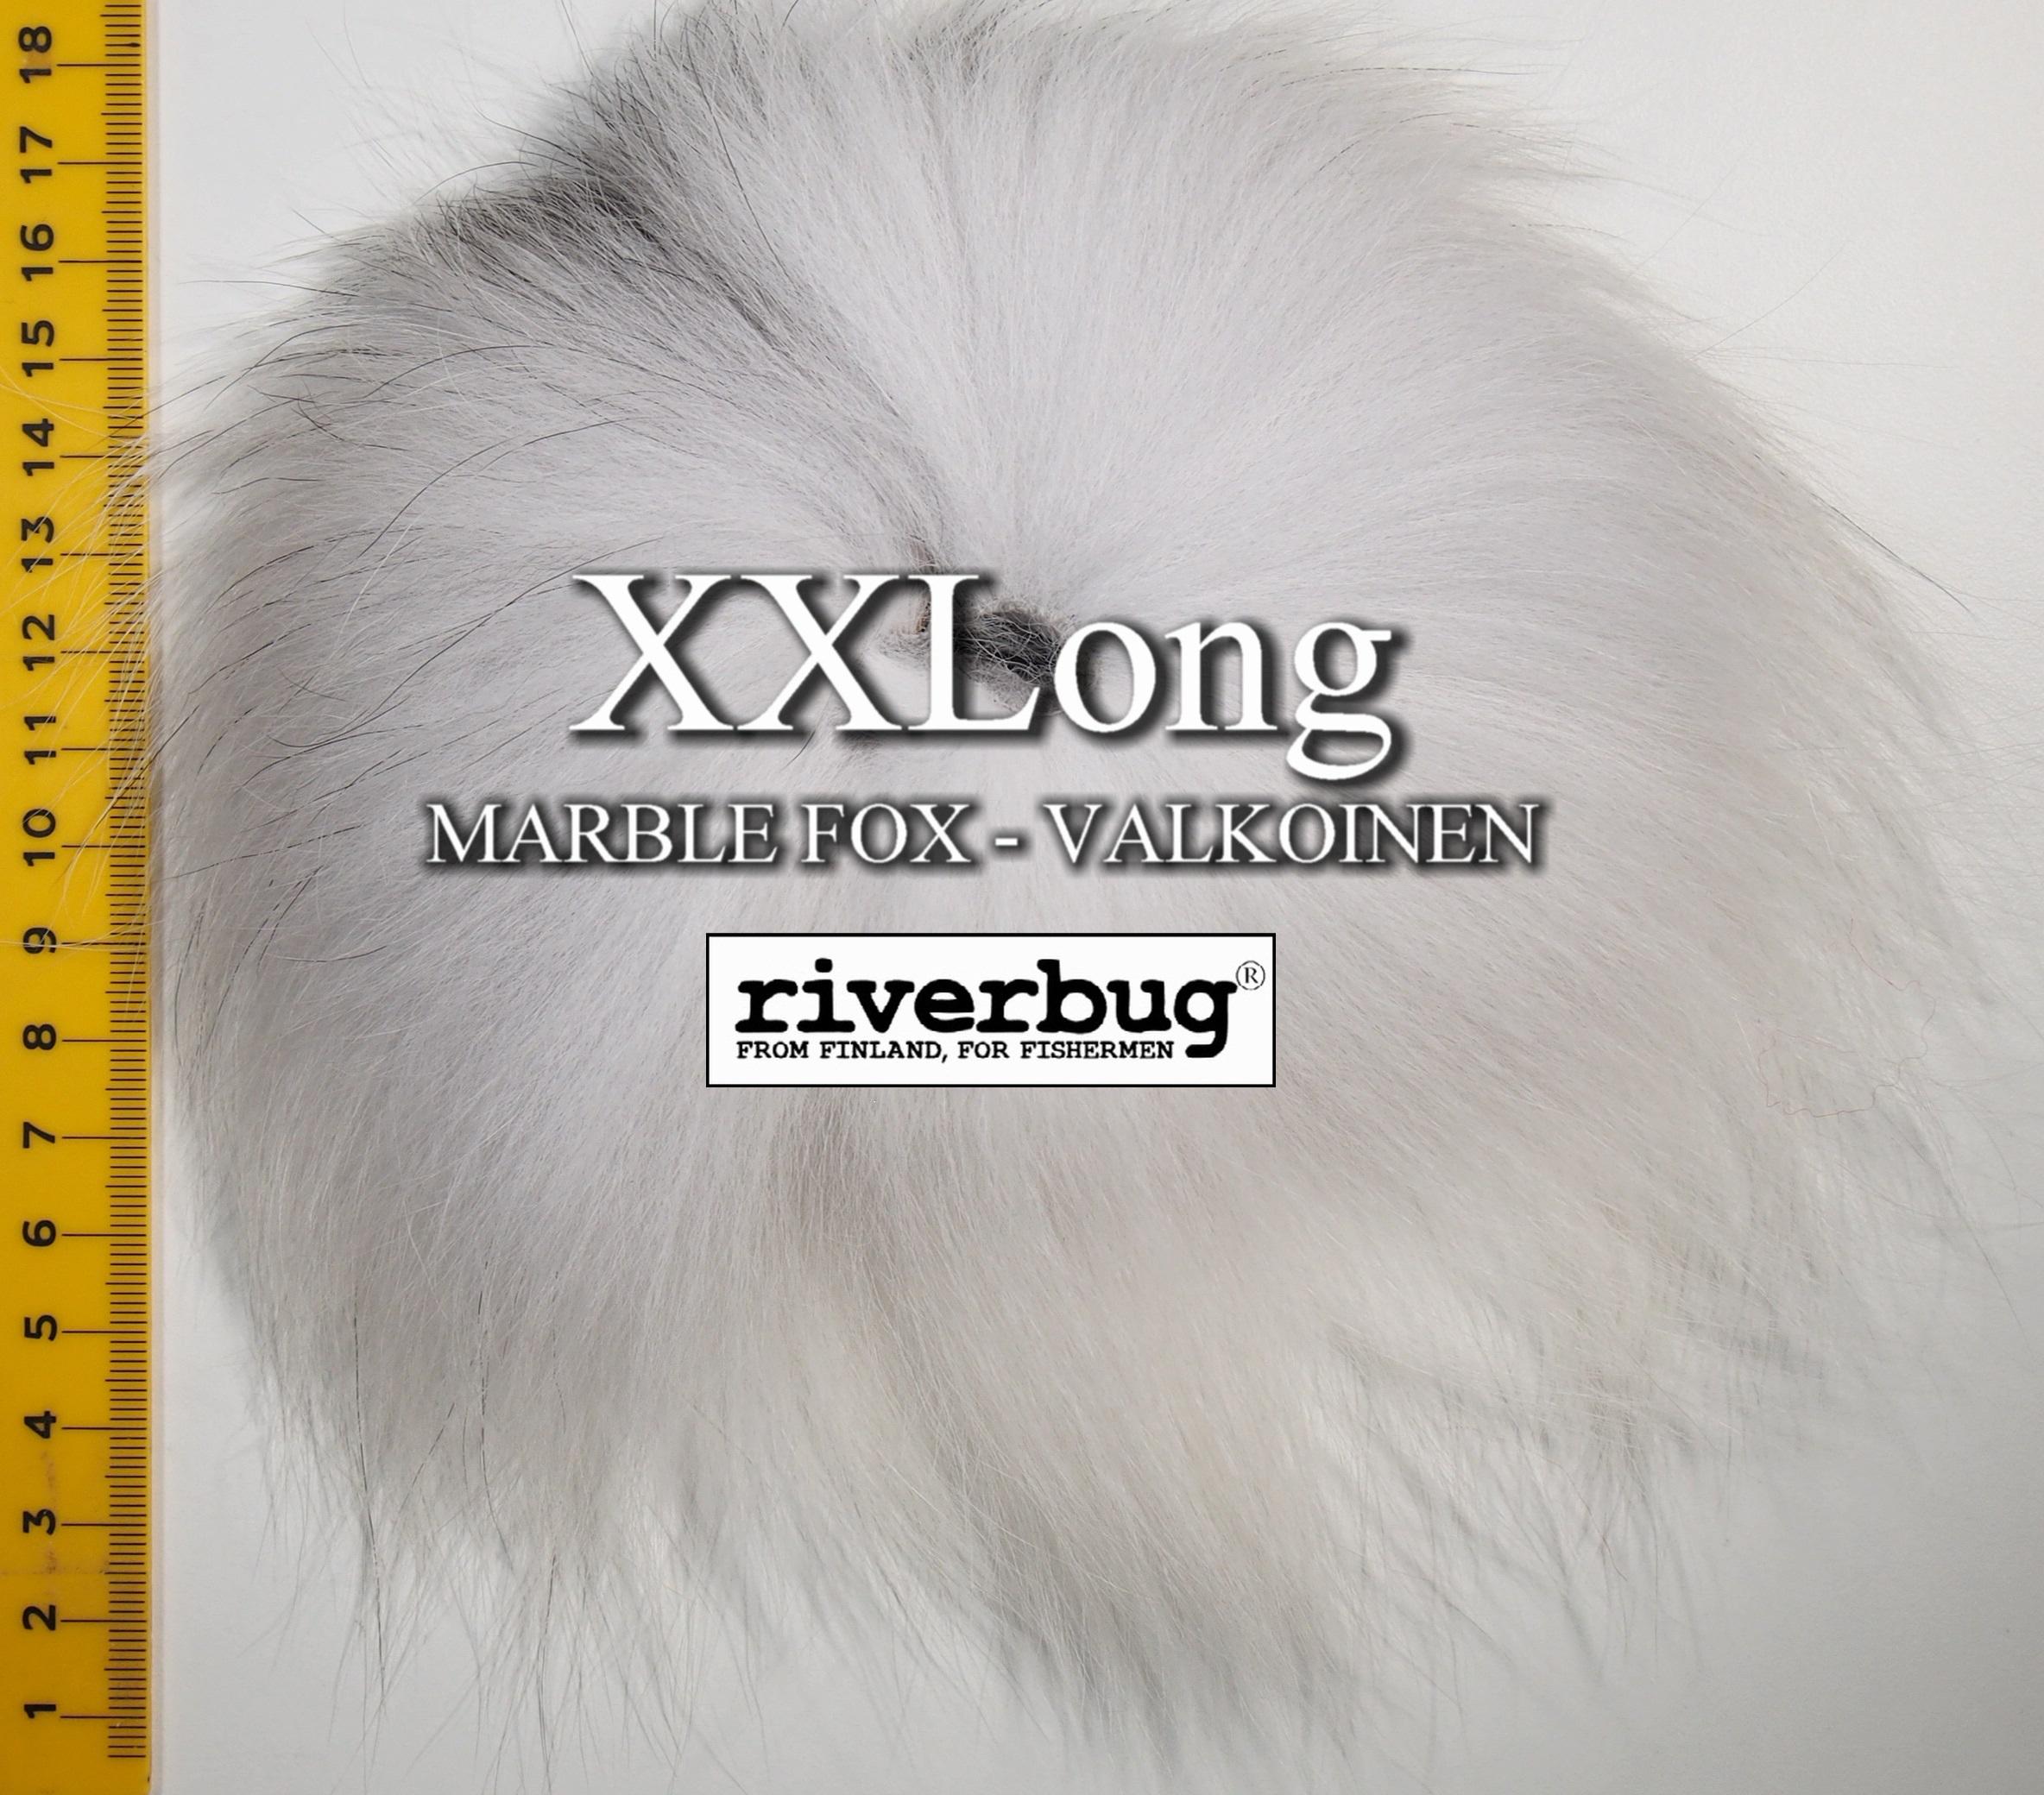 Ketunkarvat - XXLong - Valkoinen. Made by Beggar / RiverBug. #ketunkarvat #ketunkarva #putkiperhot #perhonsidonta #fox #räv #flytying #valkoinen